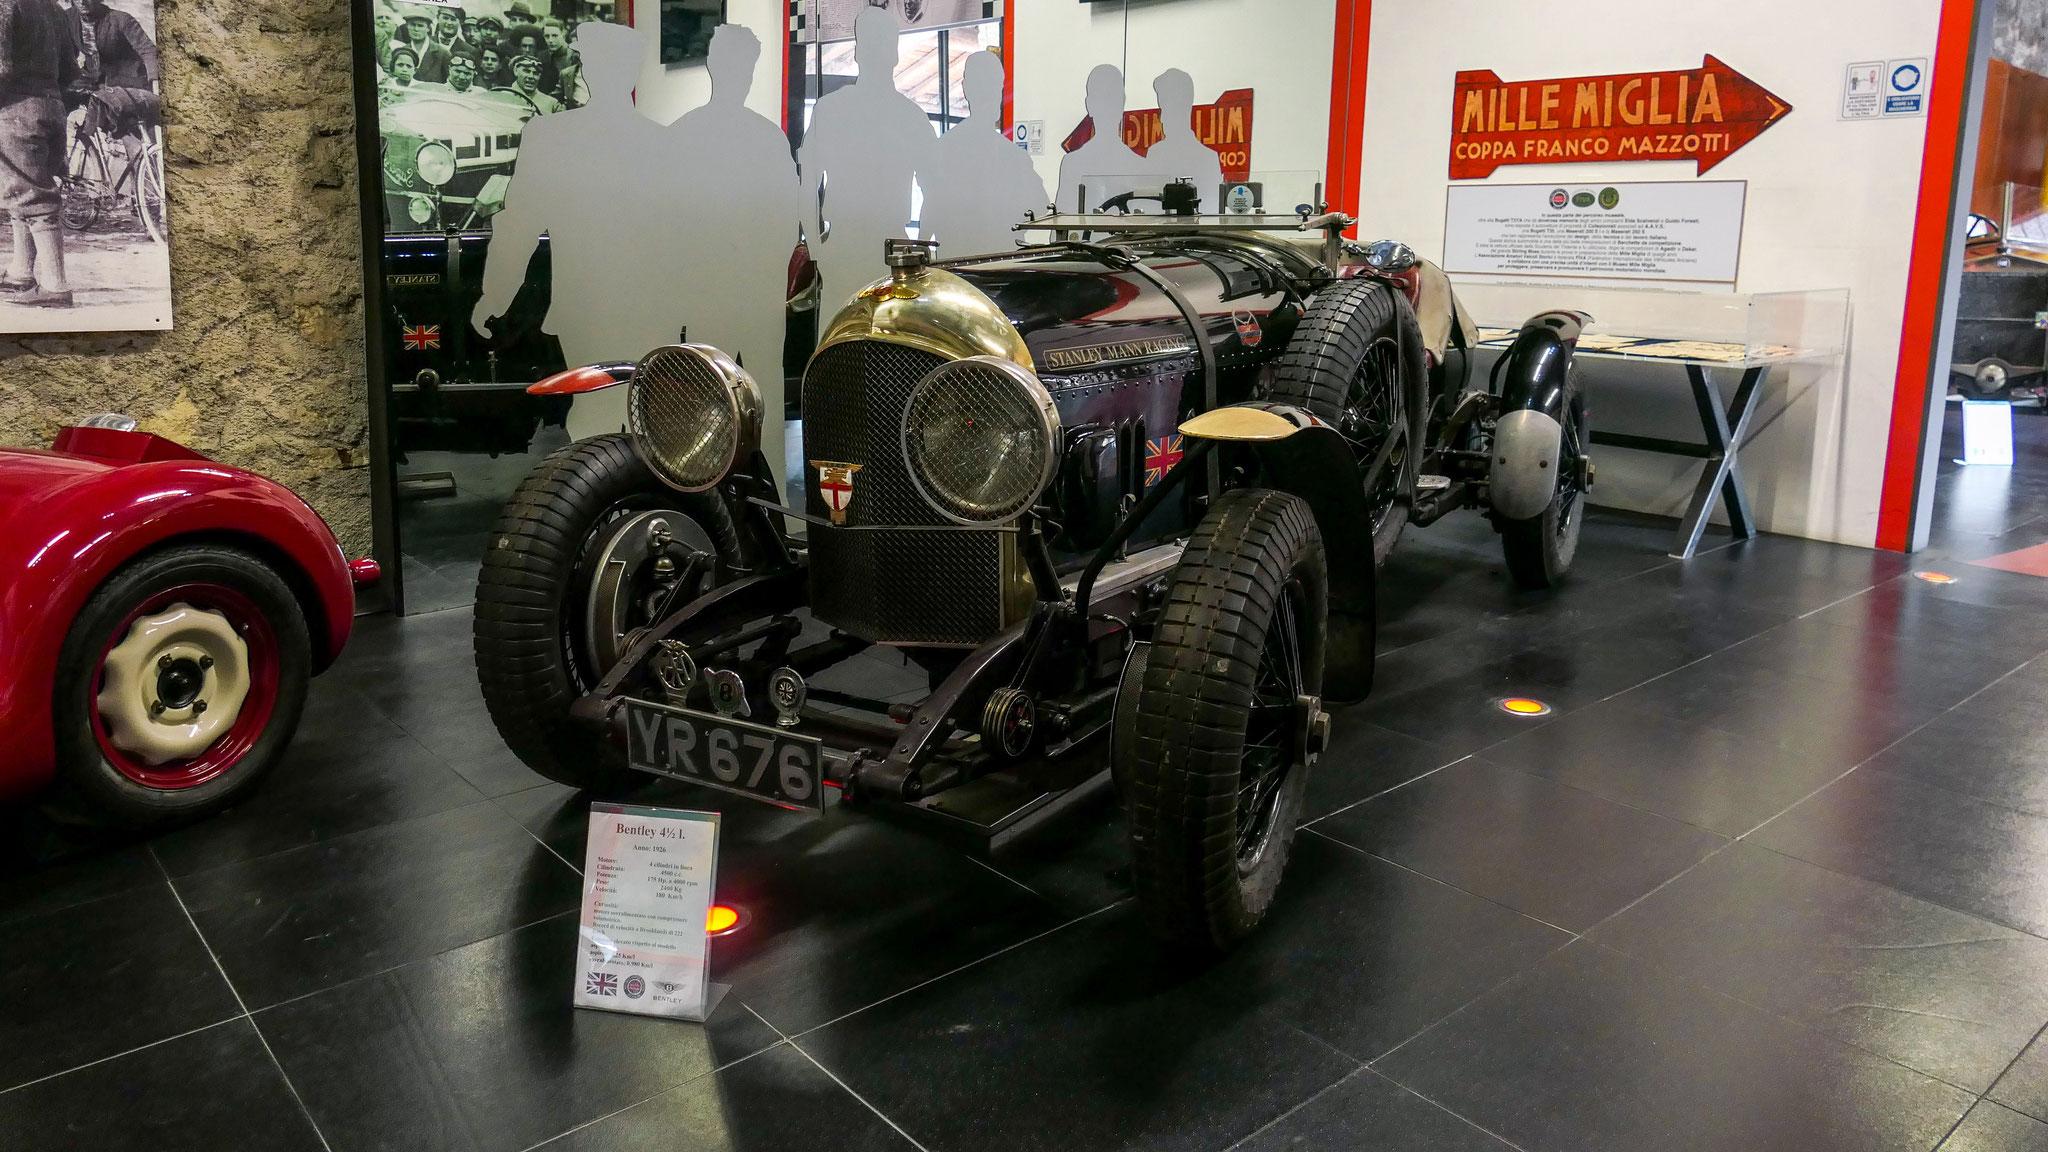 Bentley 4 1/2 Litre - YR-676 (GB)